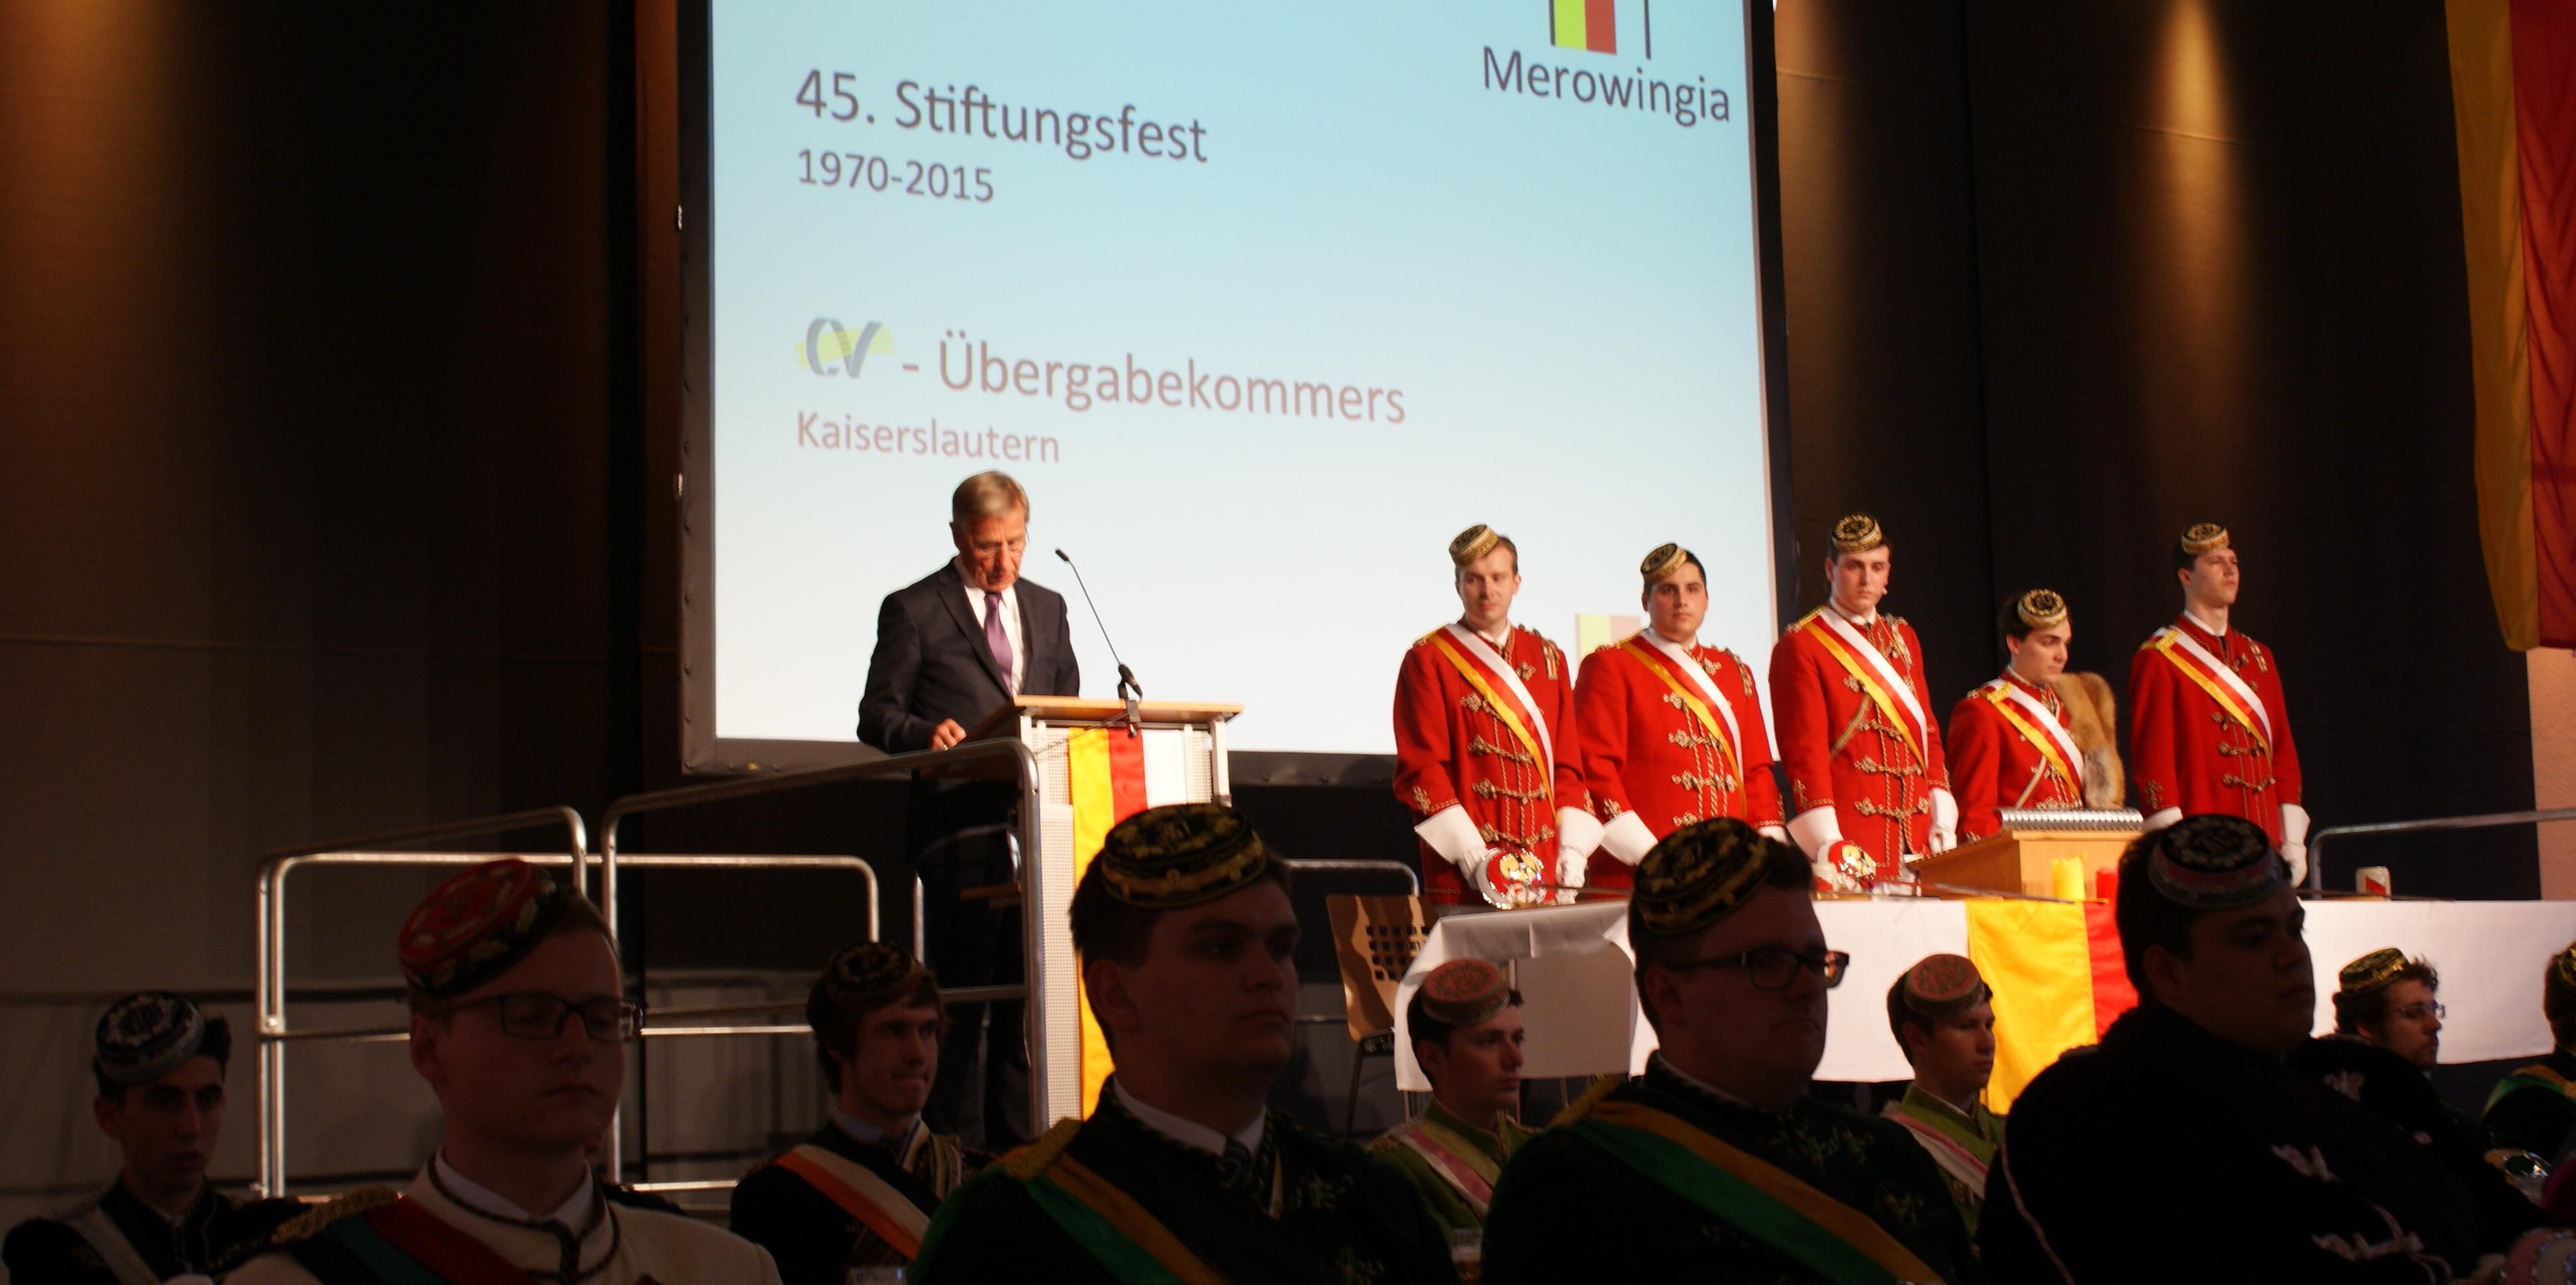 45. Stiftungsfest Merowingiae